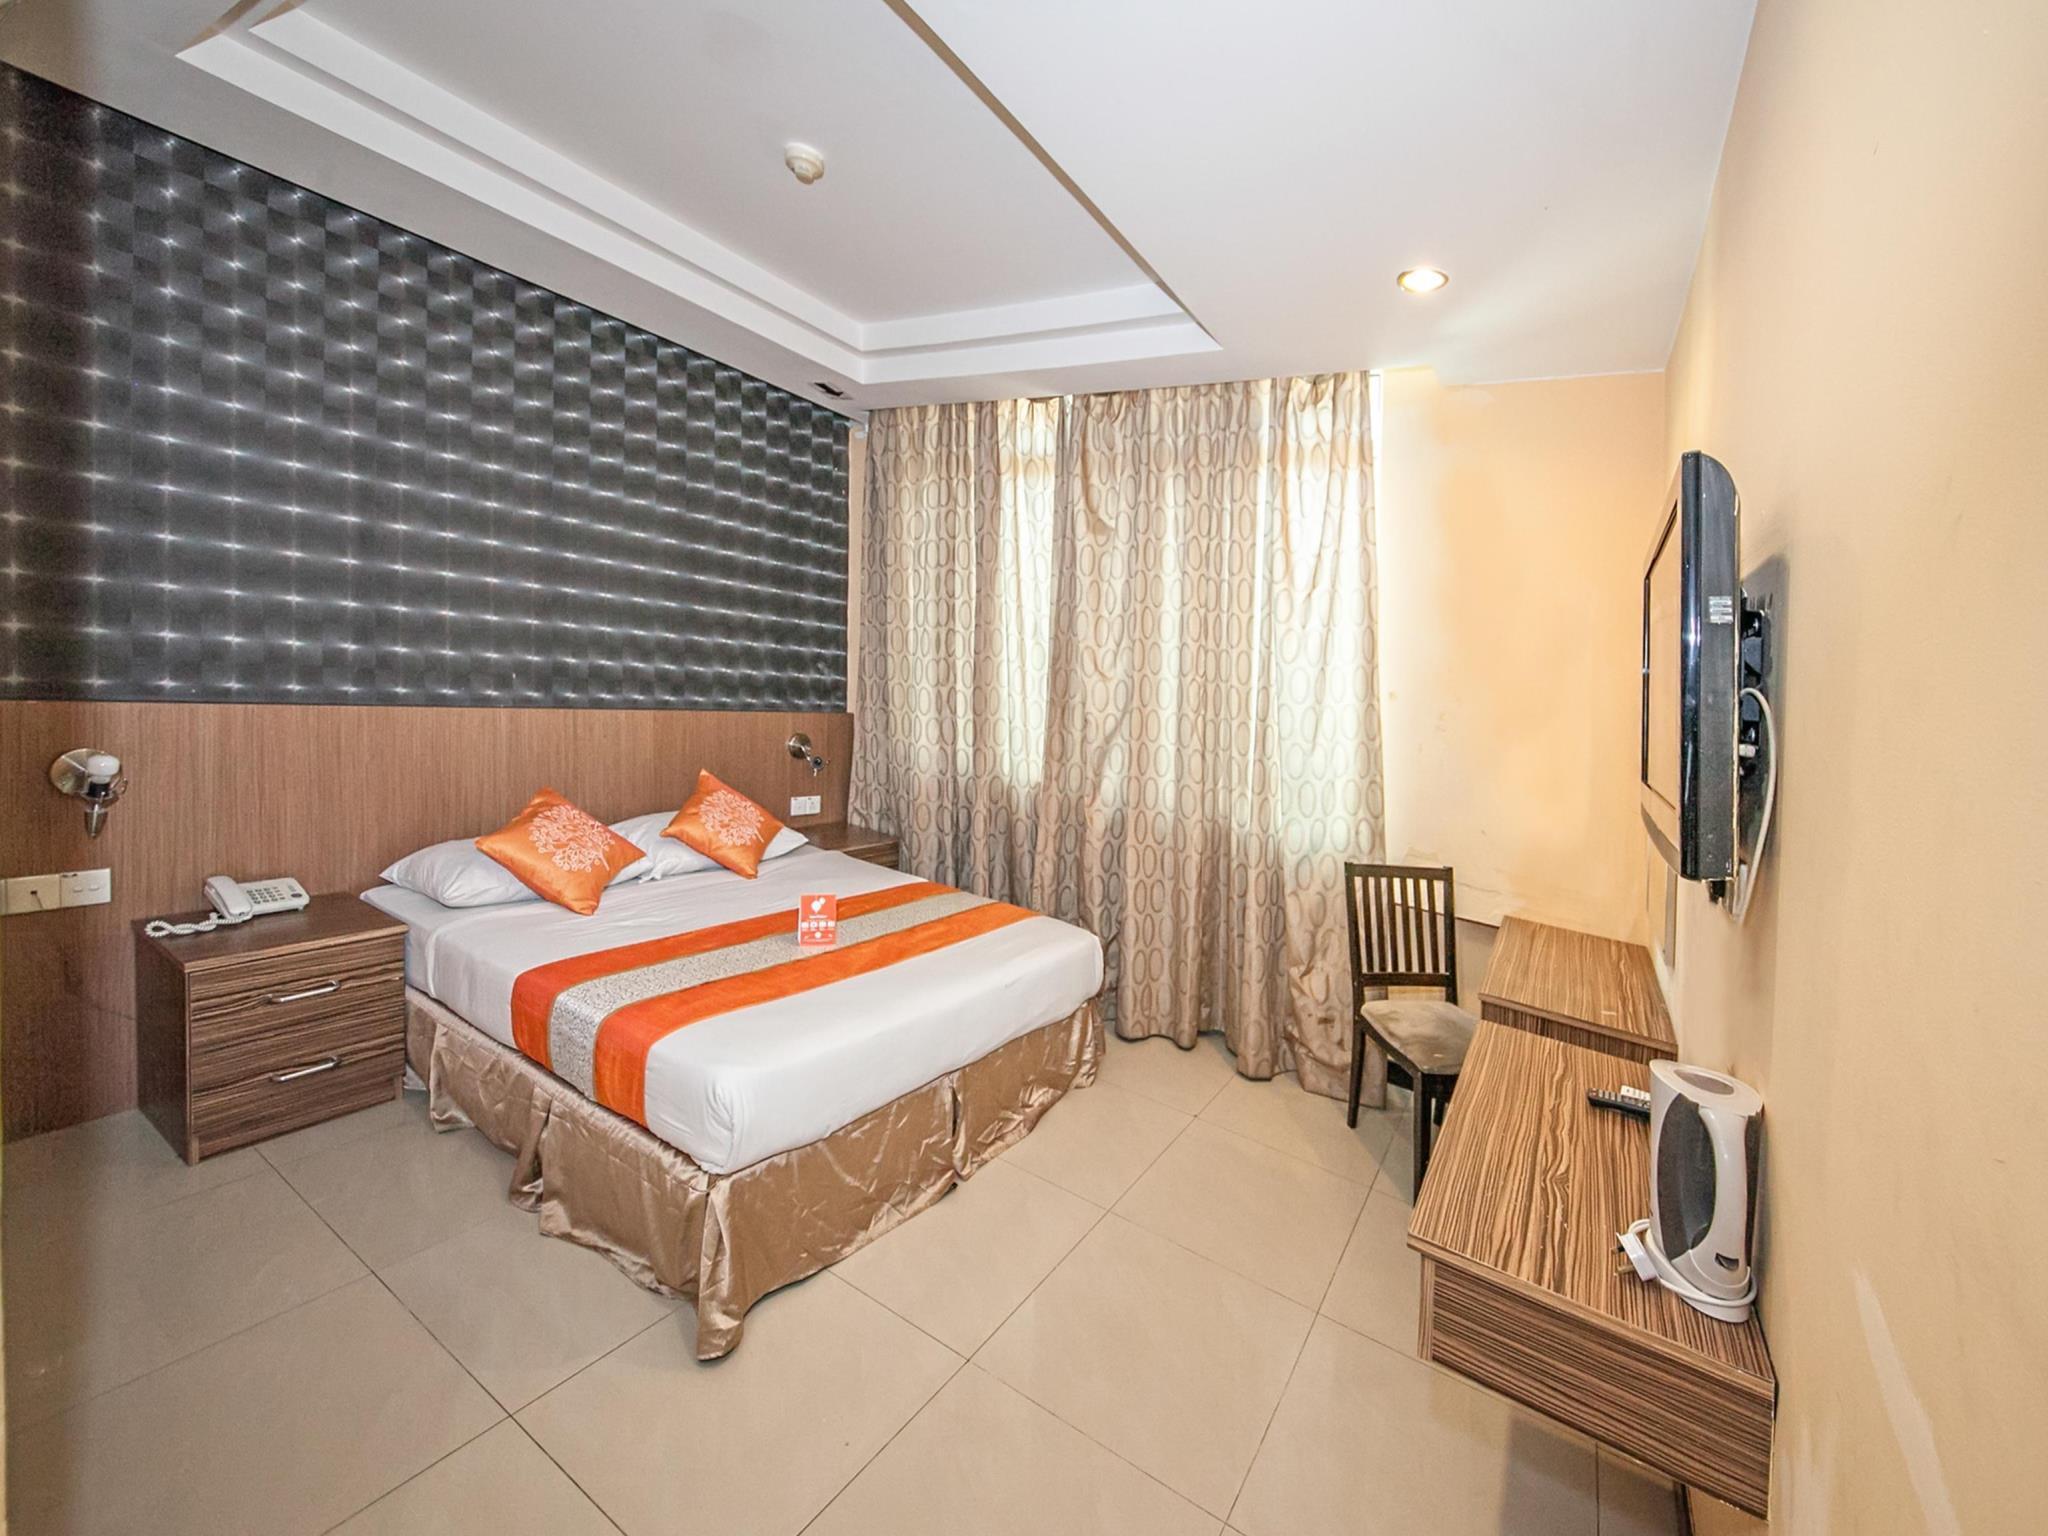 Oyo 216 La Viva Hotel In Malaysia